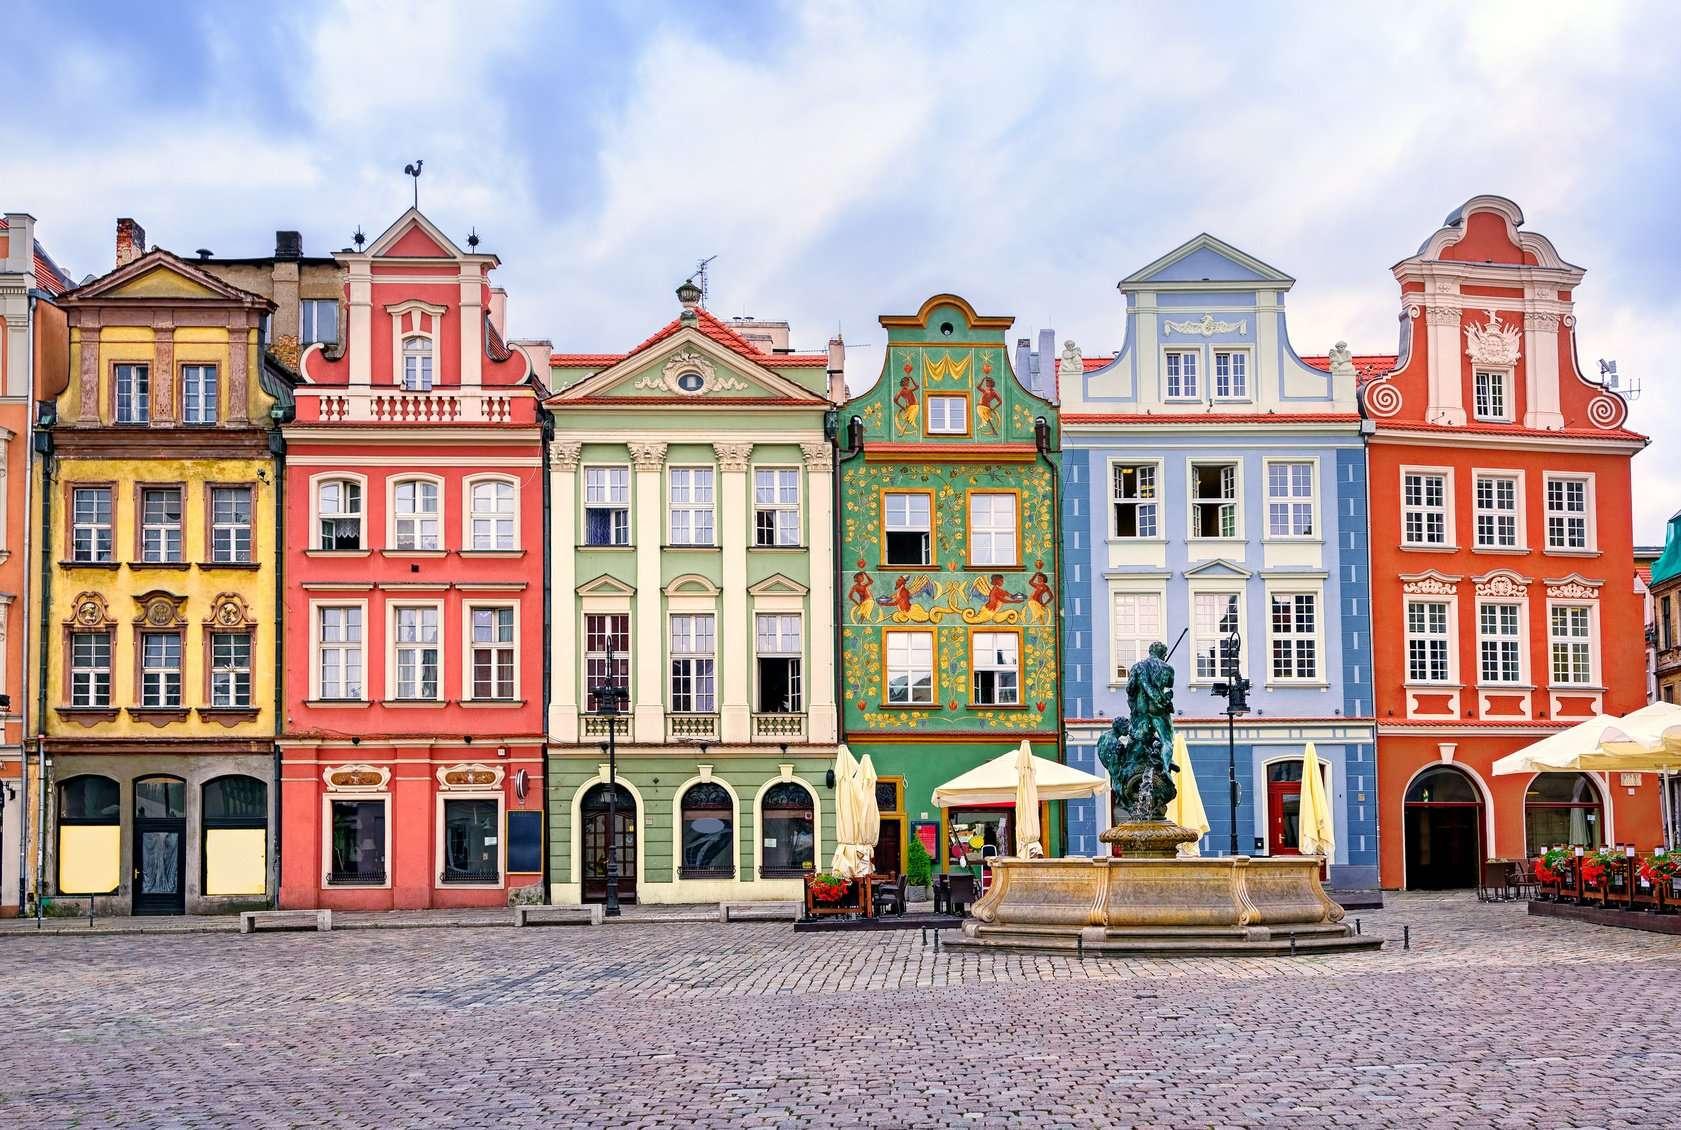 Schilderachtig mazuri en gdansk polen rondreizen for Meubilair plaza huizen